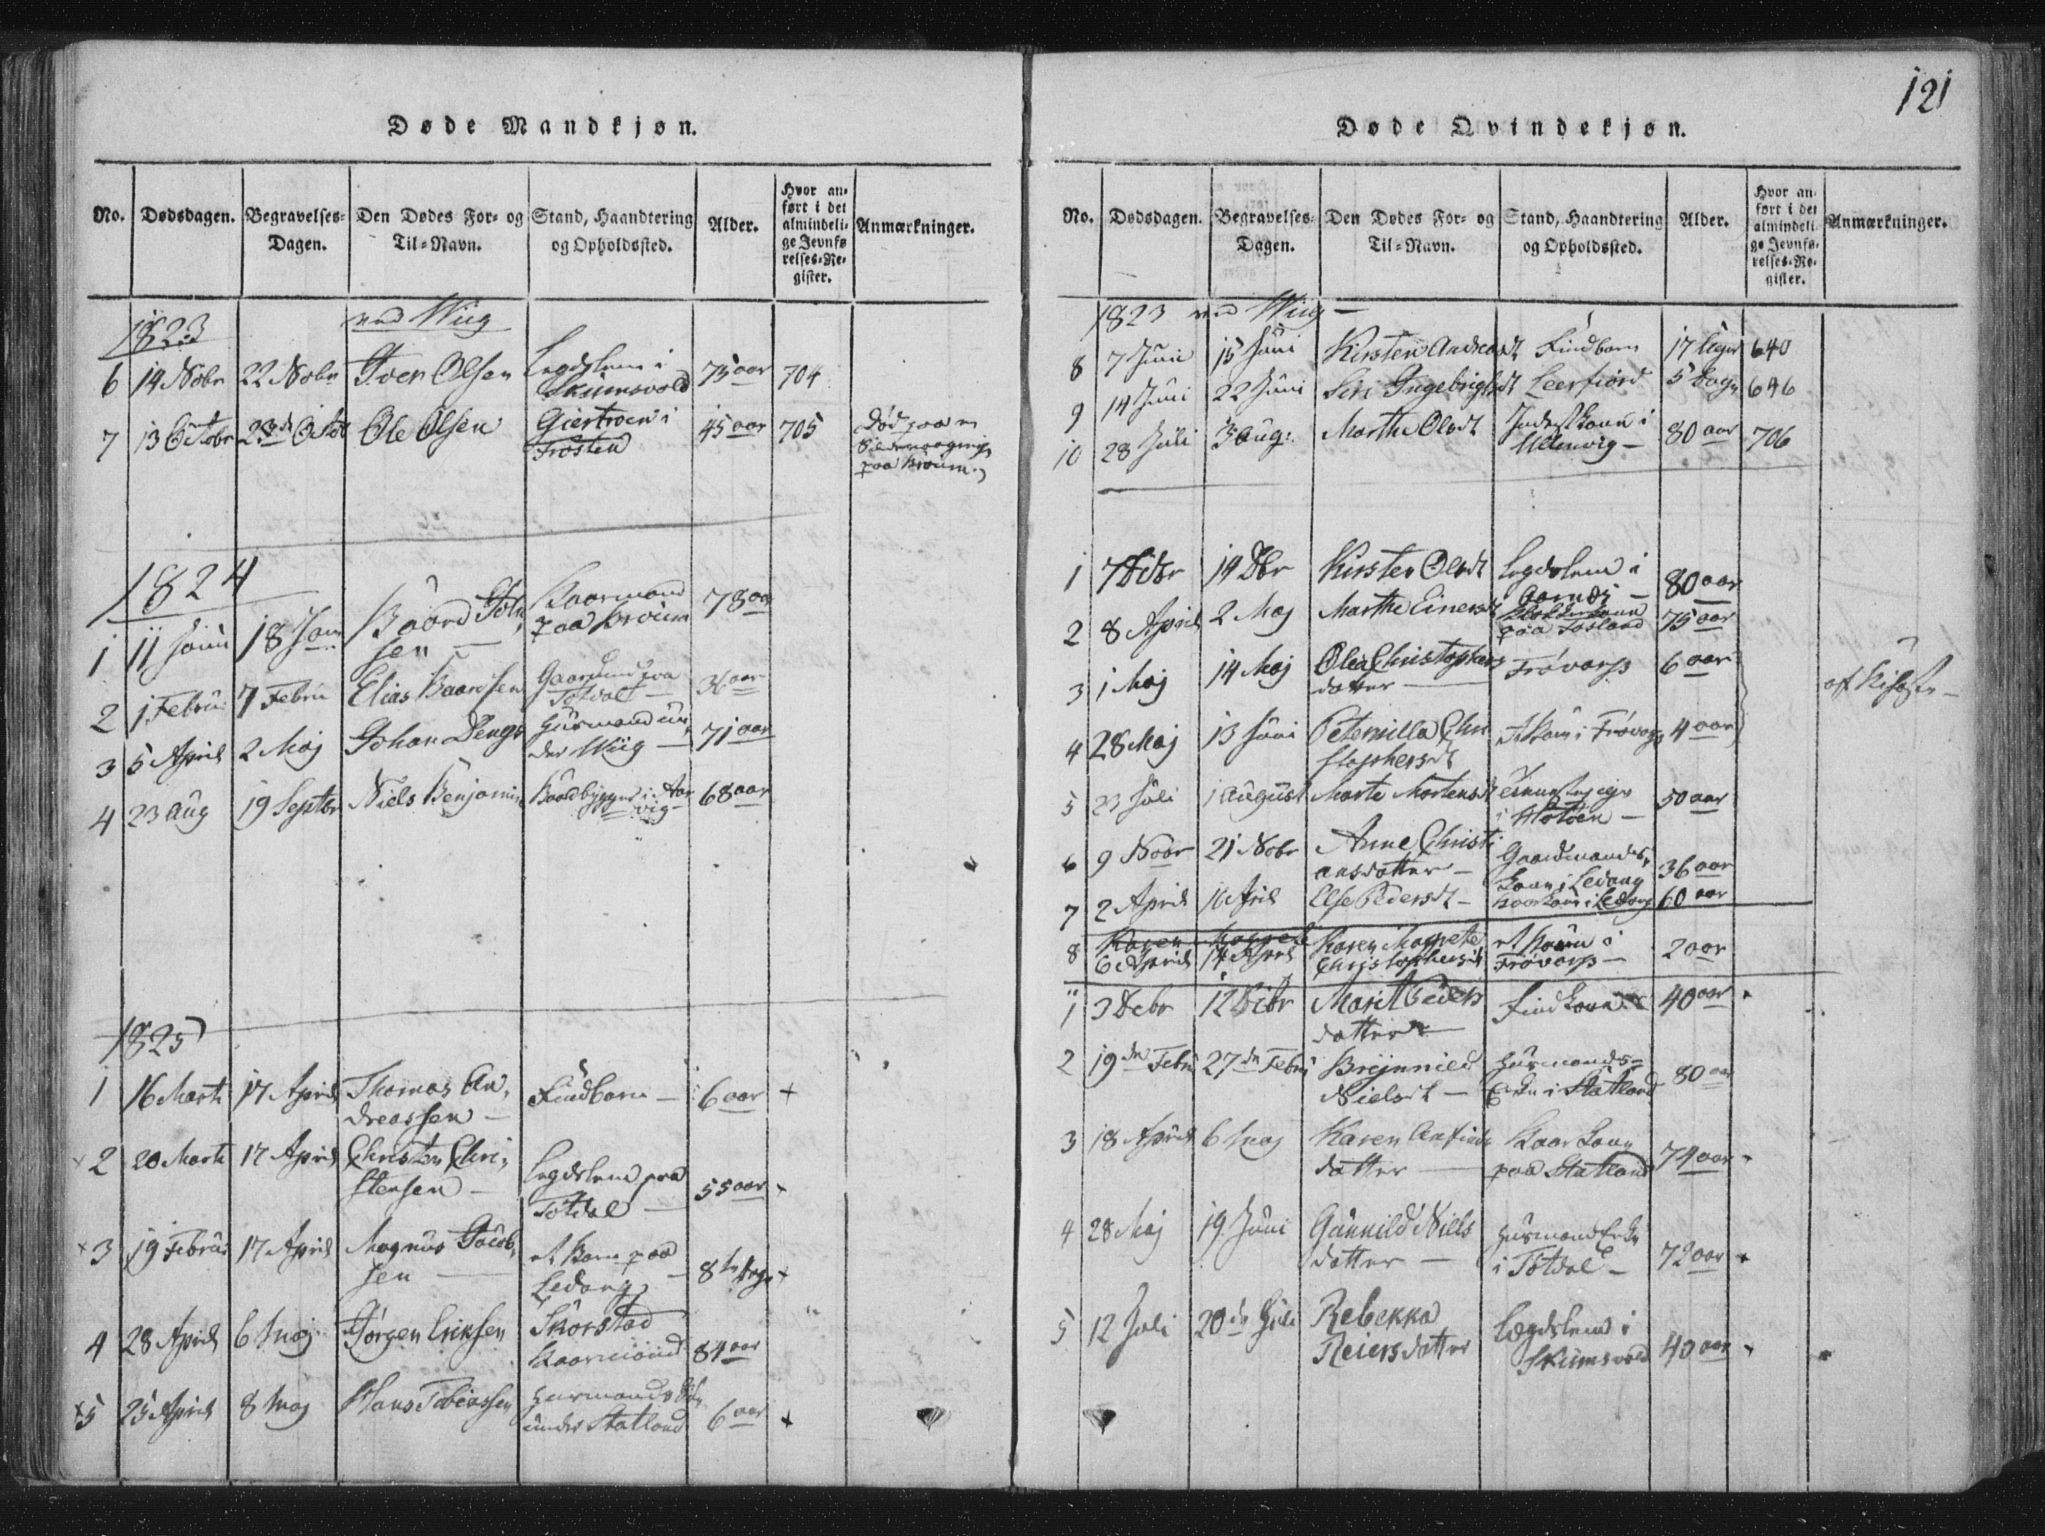 SAT, Ministerialprotokoller, klokkerbøker og fødselsregistre - Nord-Trøndelag, 773/L0609: Ministerialbok nr. 773A03 /2, 1815-1830, s. 121